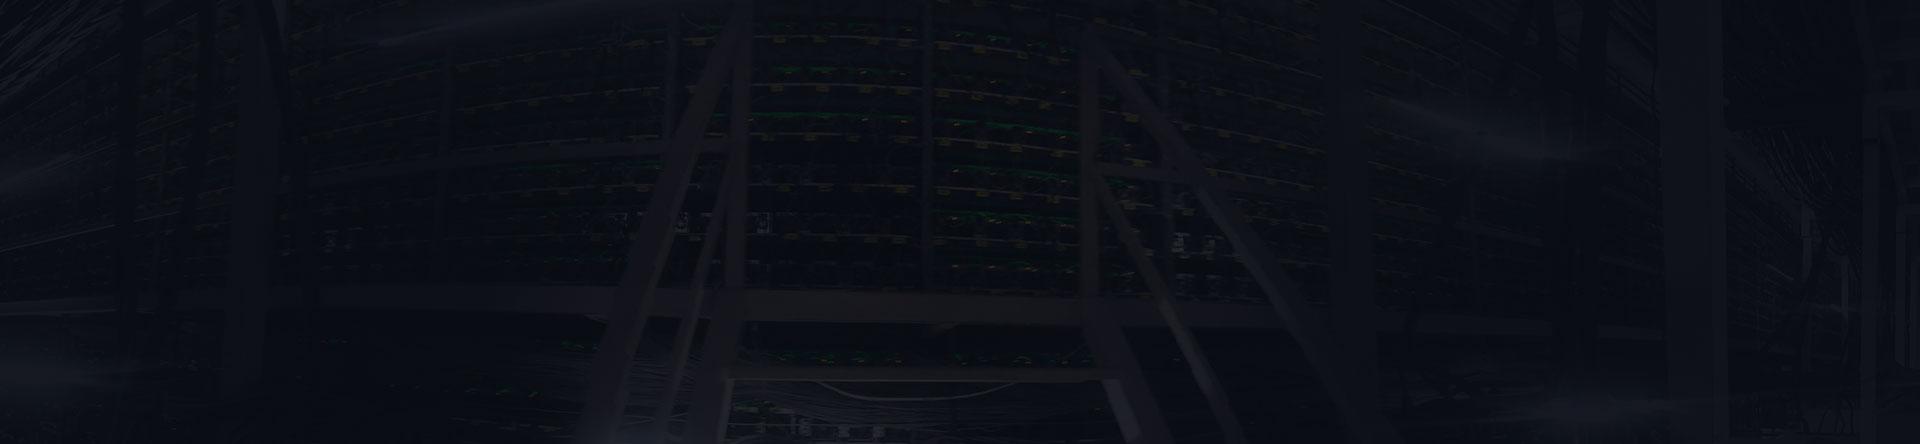 区块链数据中心